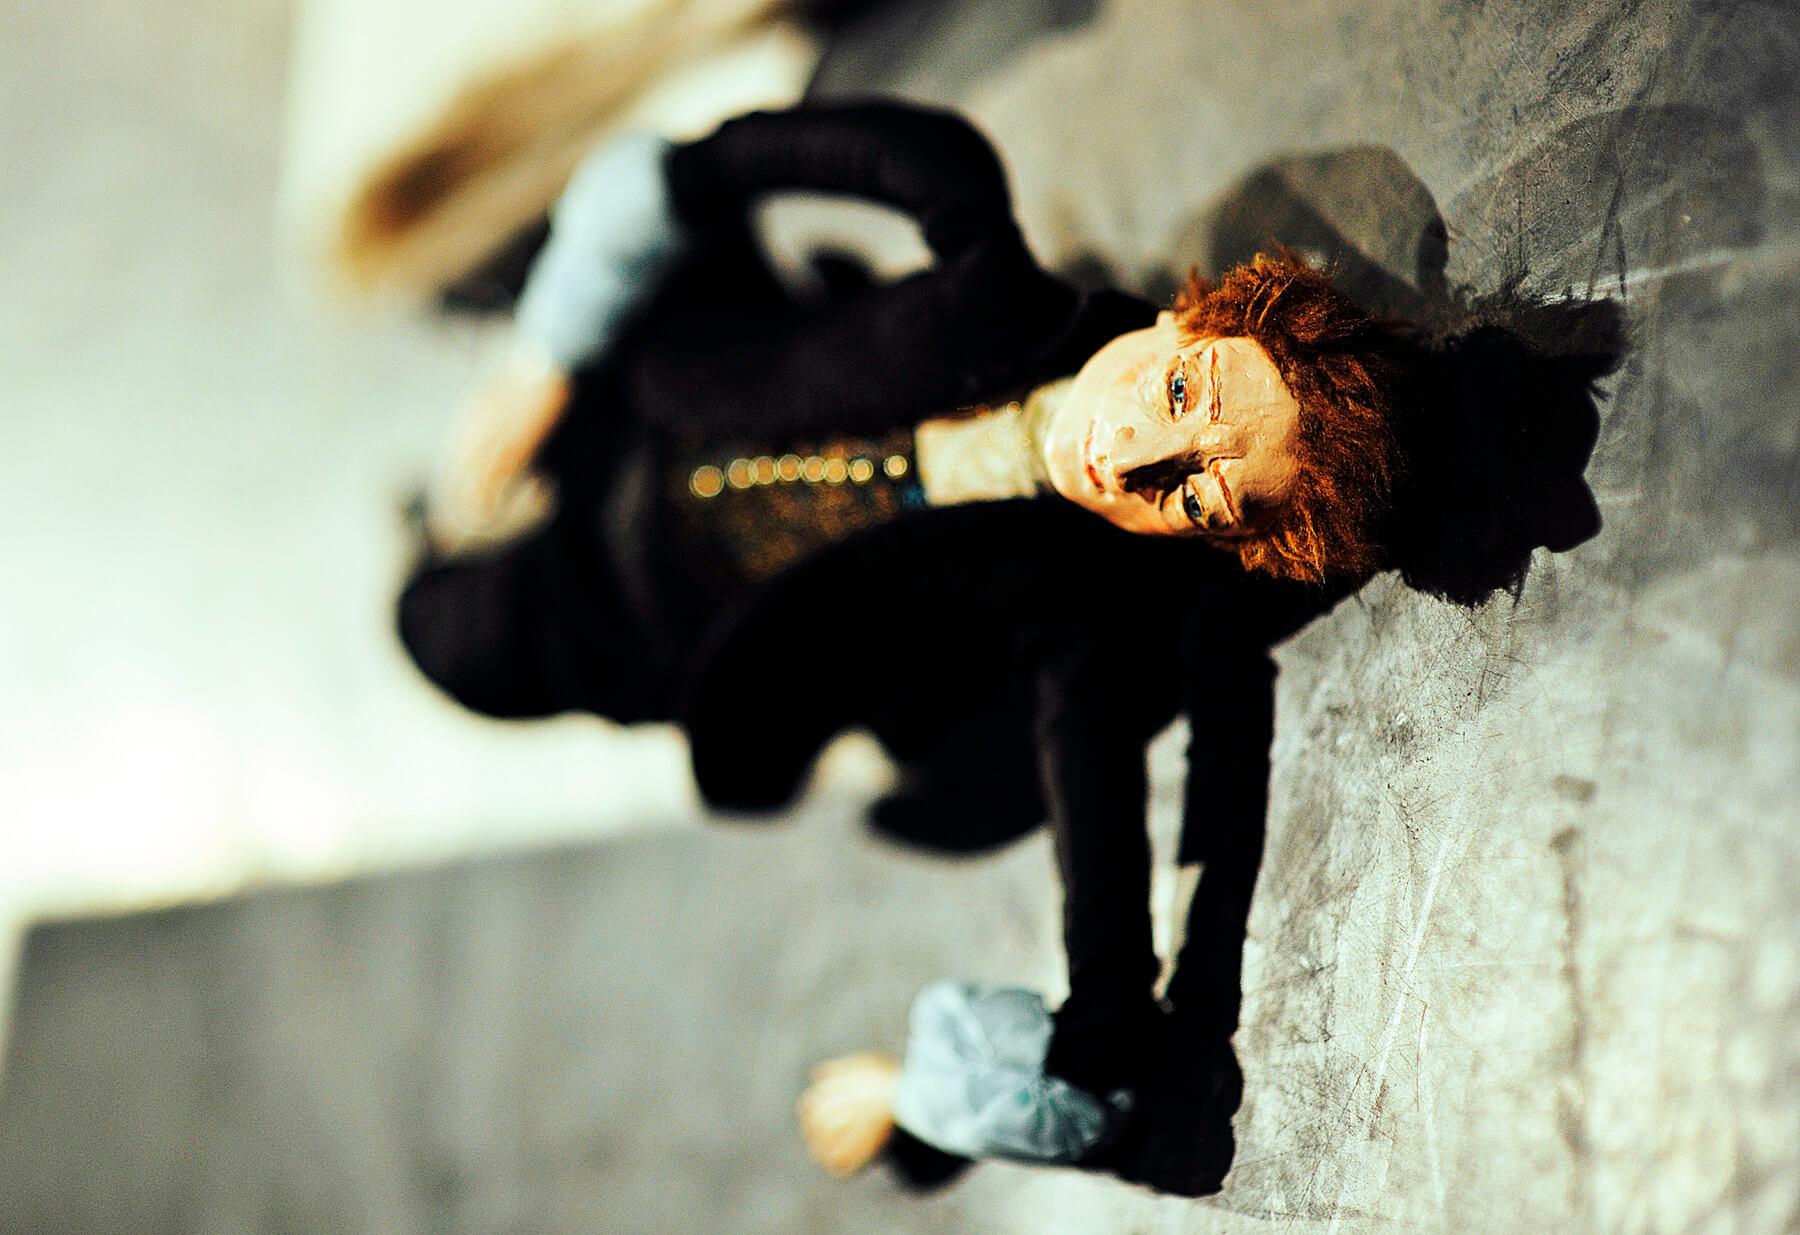 Zdjęcie ze spektaklu Śpiąca Królewna. Przedstawia lalkę księcia leżącą na stole.